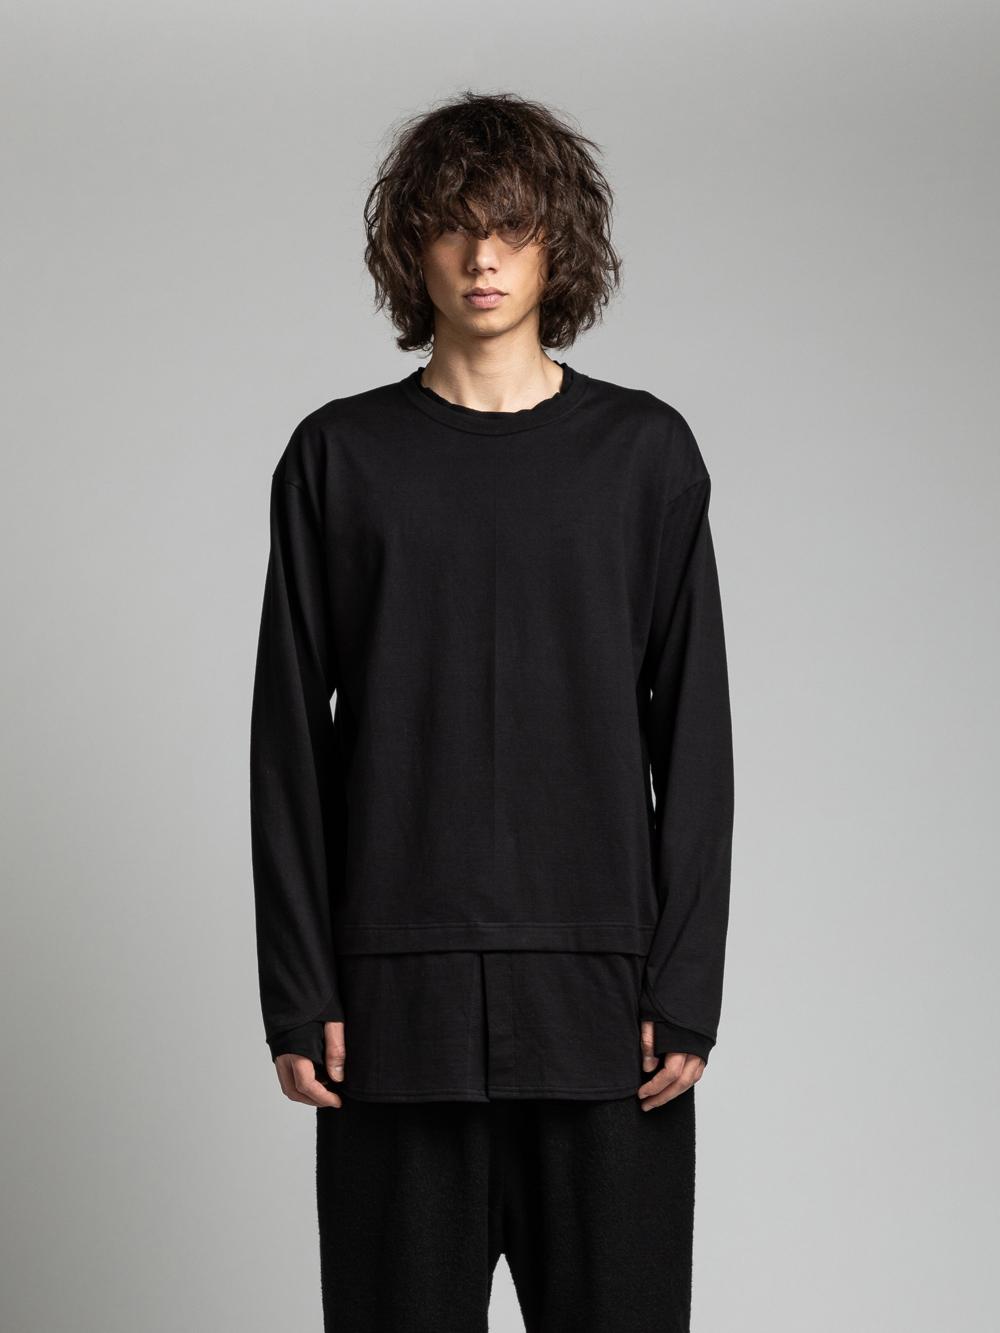 VI-3159-01 / 40/-天竺 シャツ裾 レイヤード 長袖カットソー